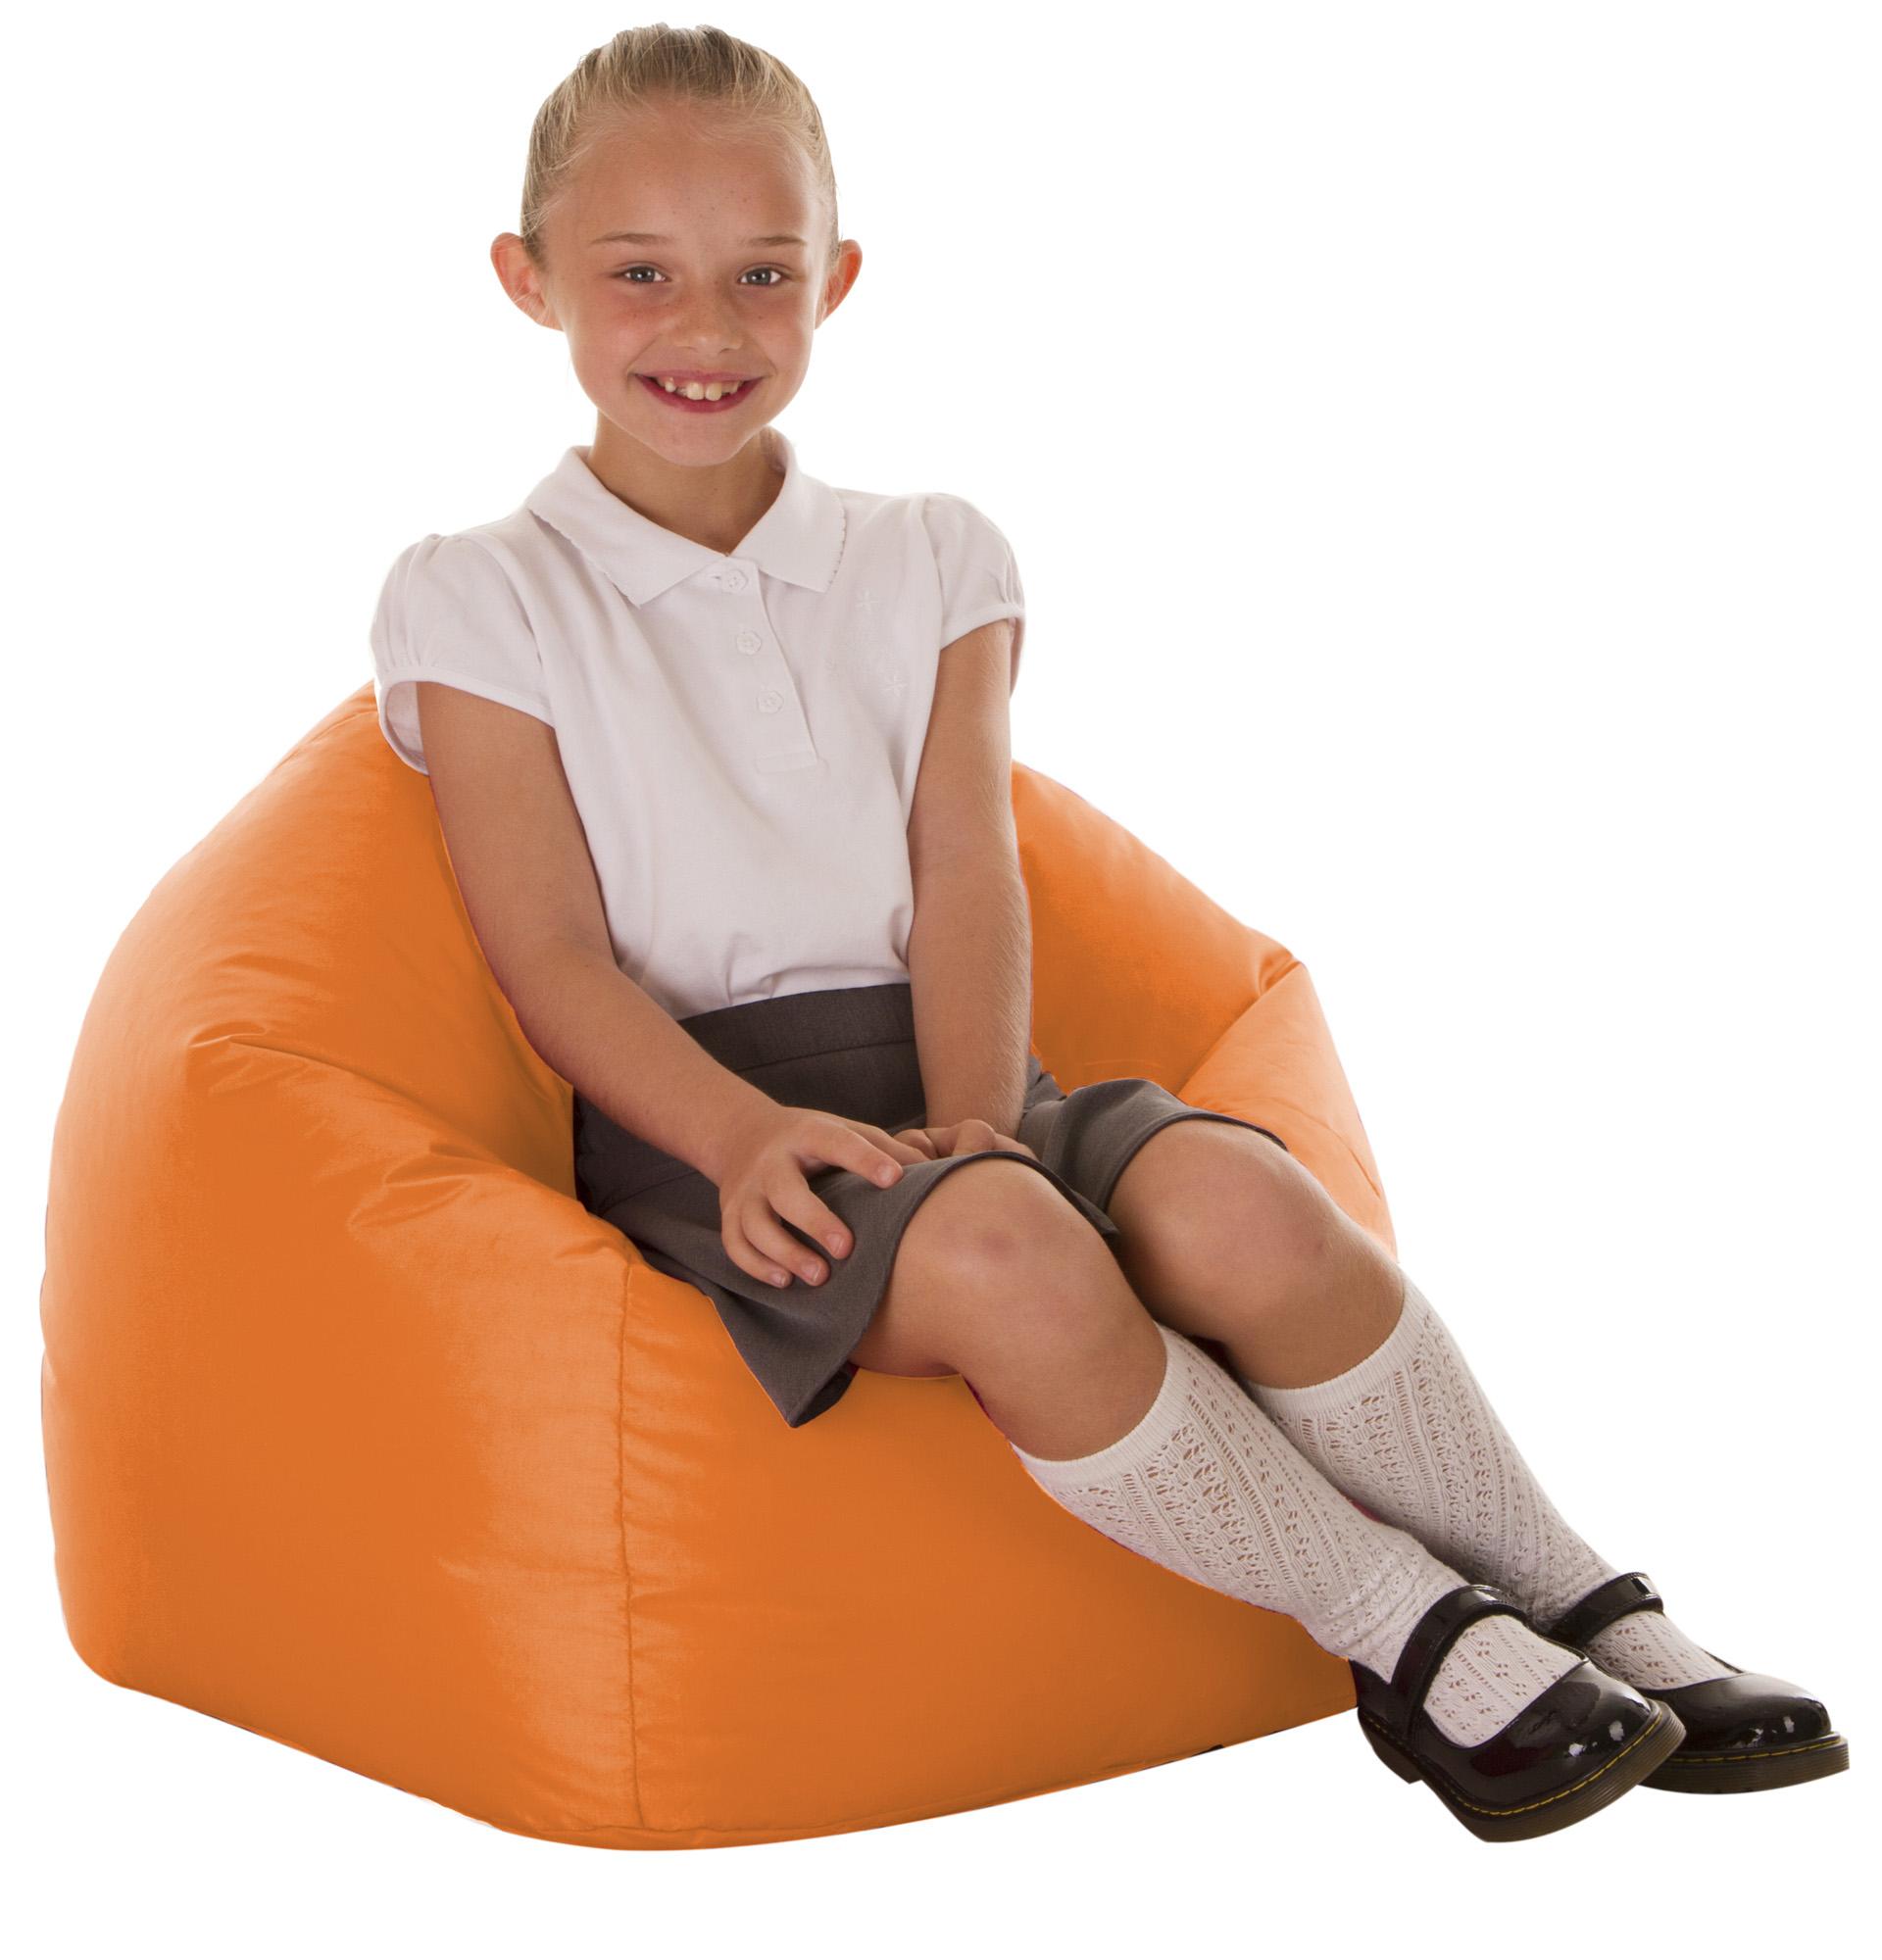 Eden-Primary-Bean-Bag-Orange-300dpi-2